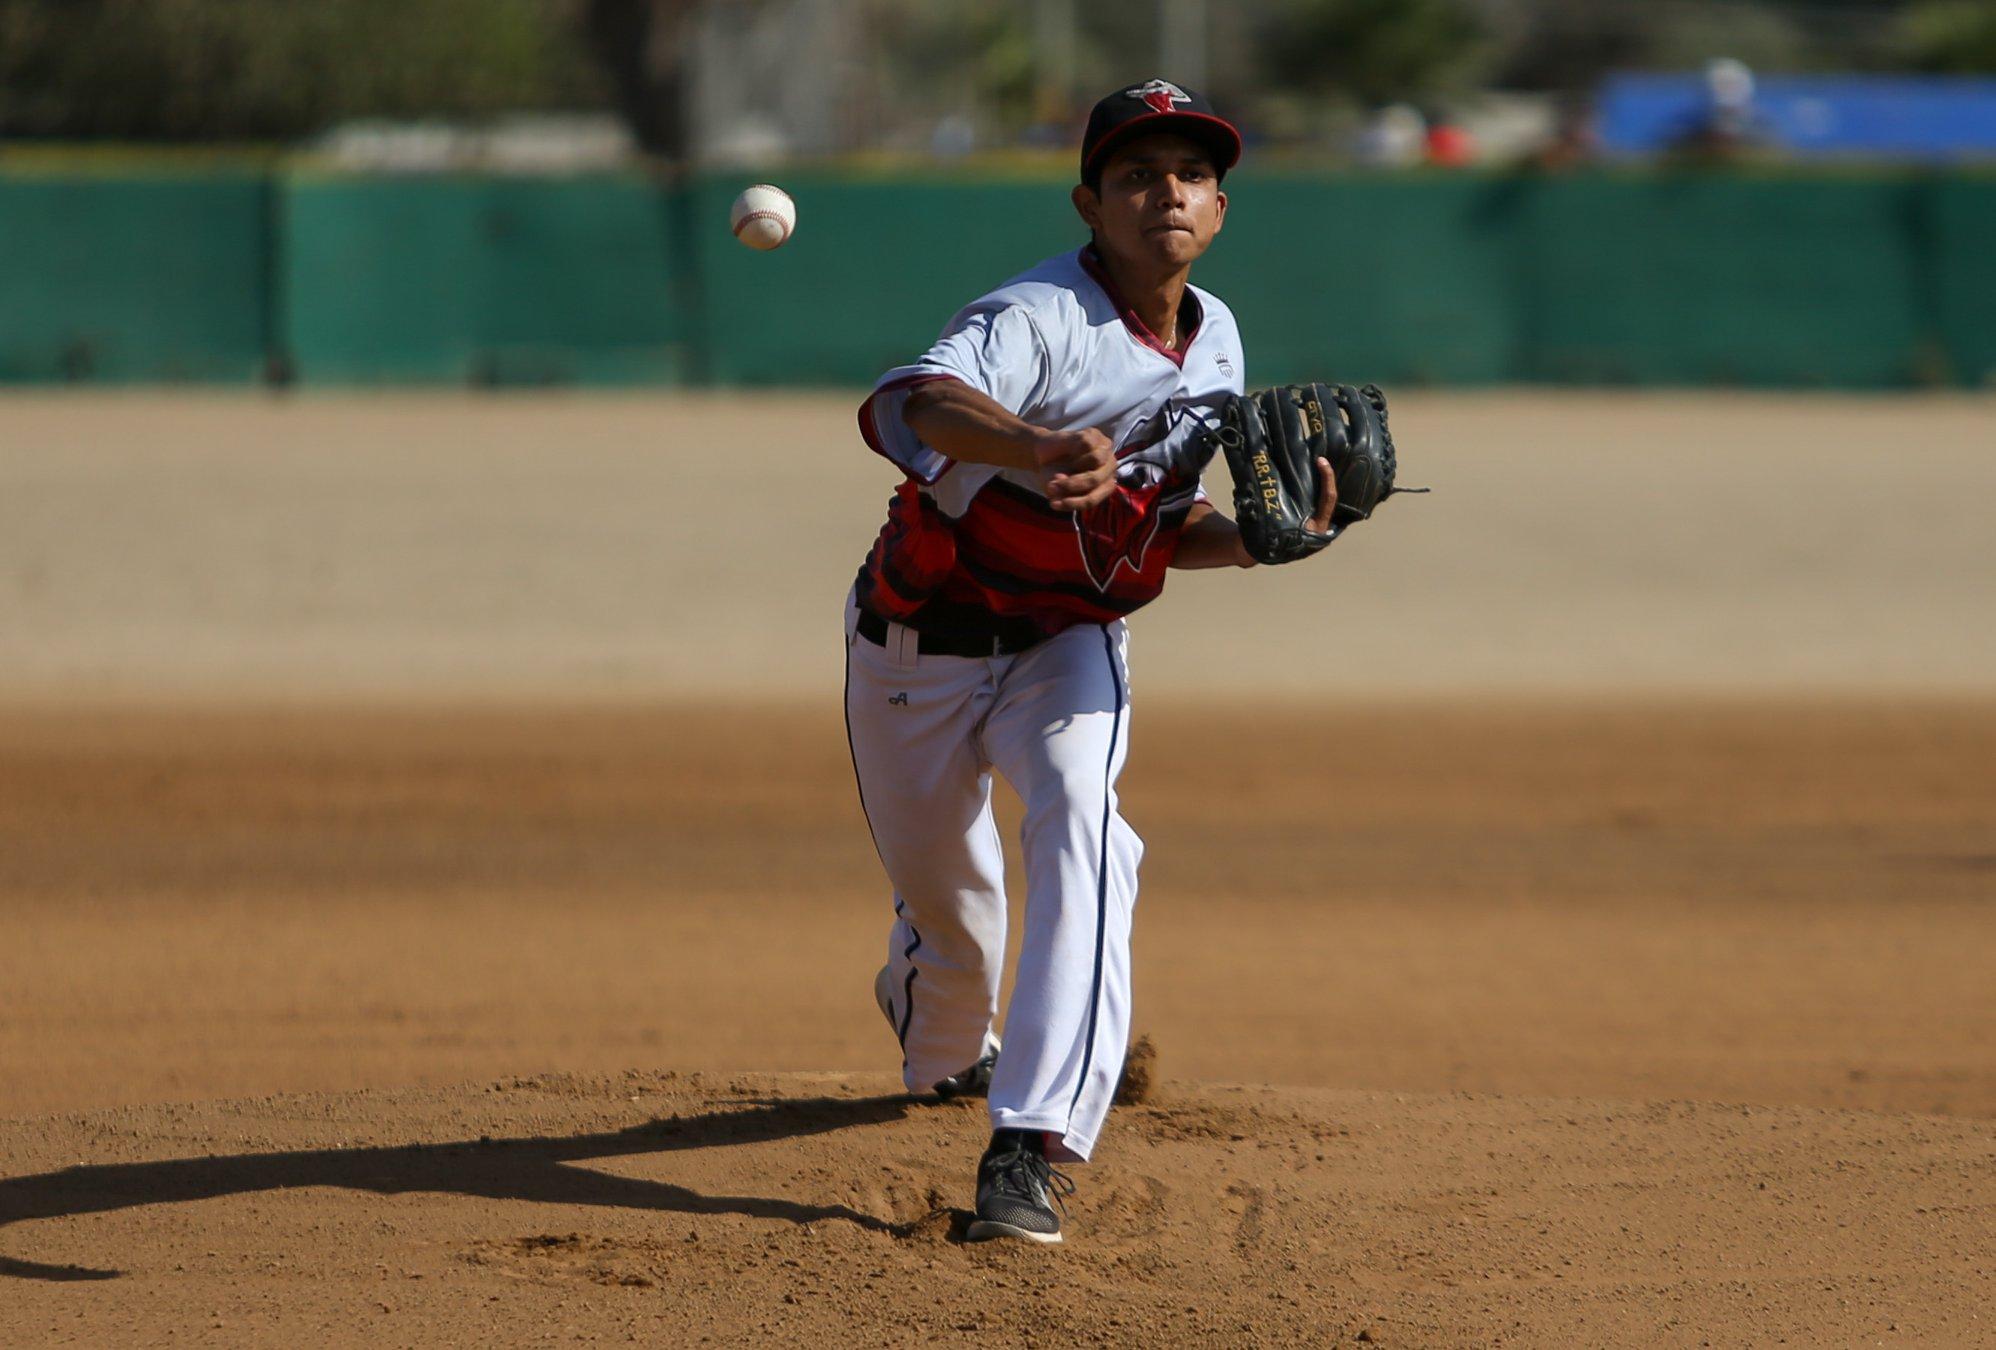 Doble triunfo de  Bandidos sobre Bravos en Estatal de Beisbol INDEBC 2020